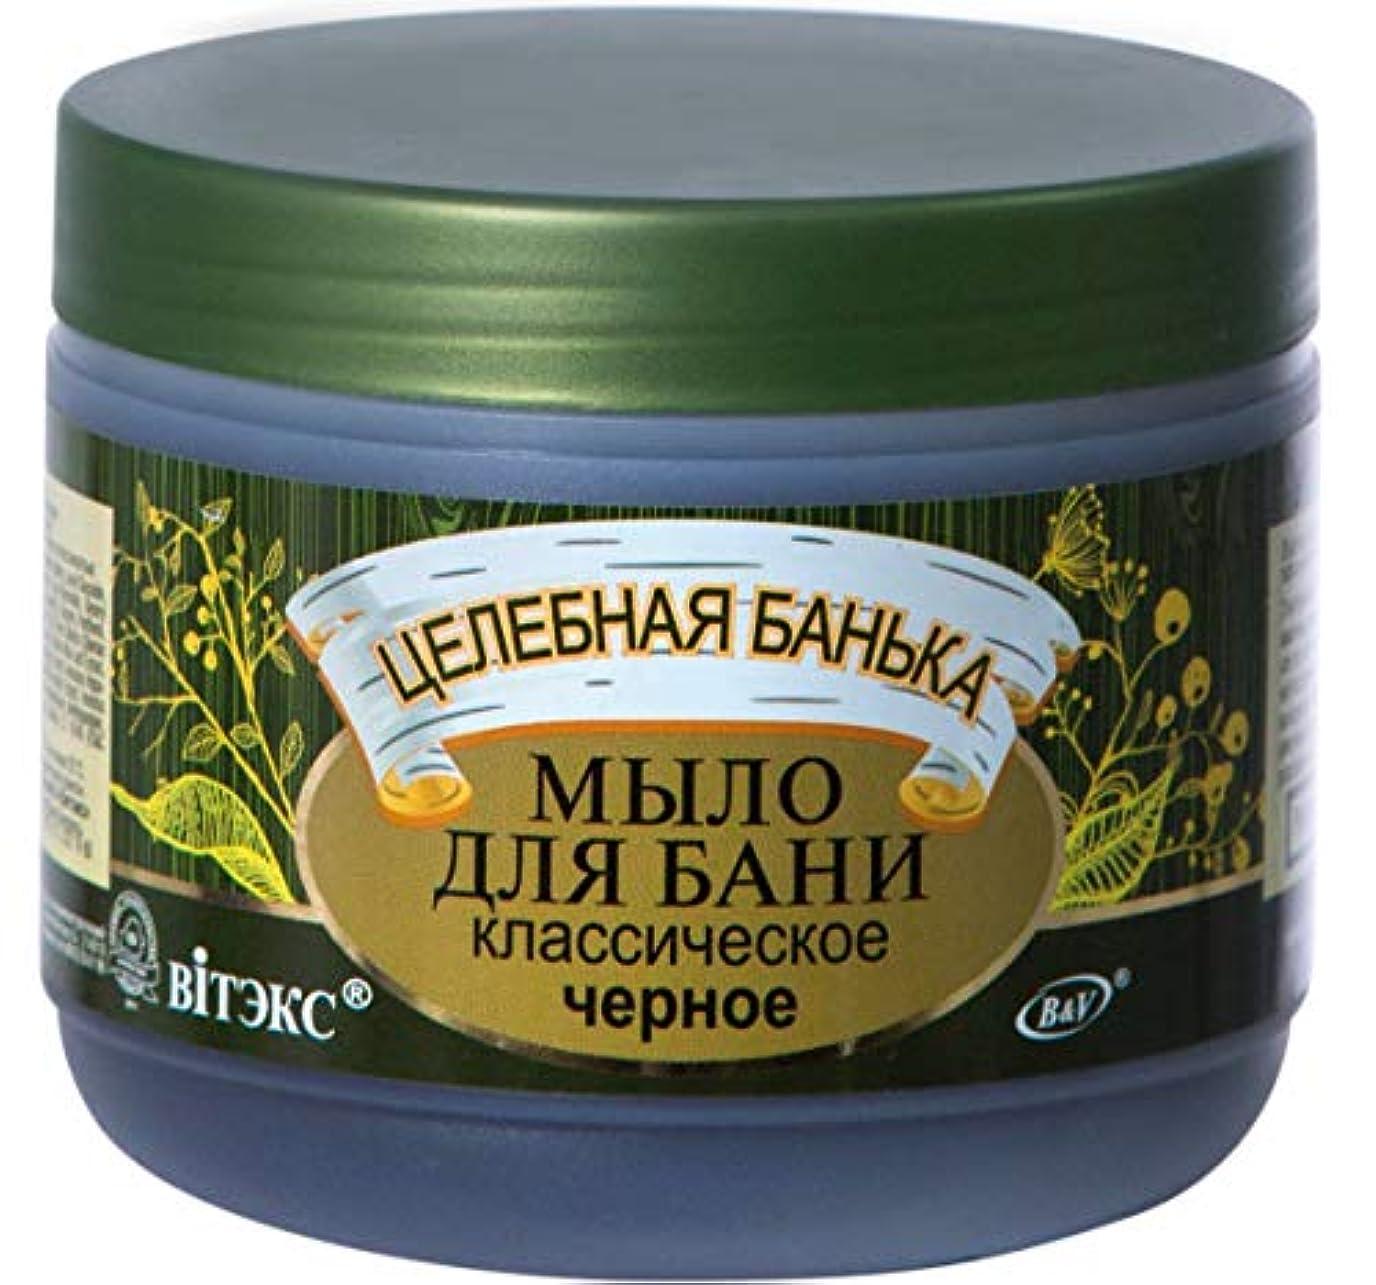 上向き鈍い退屈なBIELITA & VITEX | Healing Bath | Classic Black Soap with 7 Natural Extracts